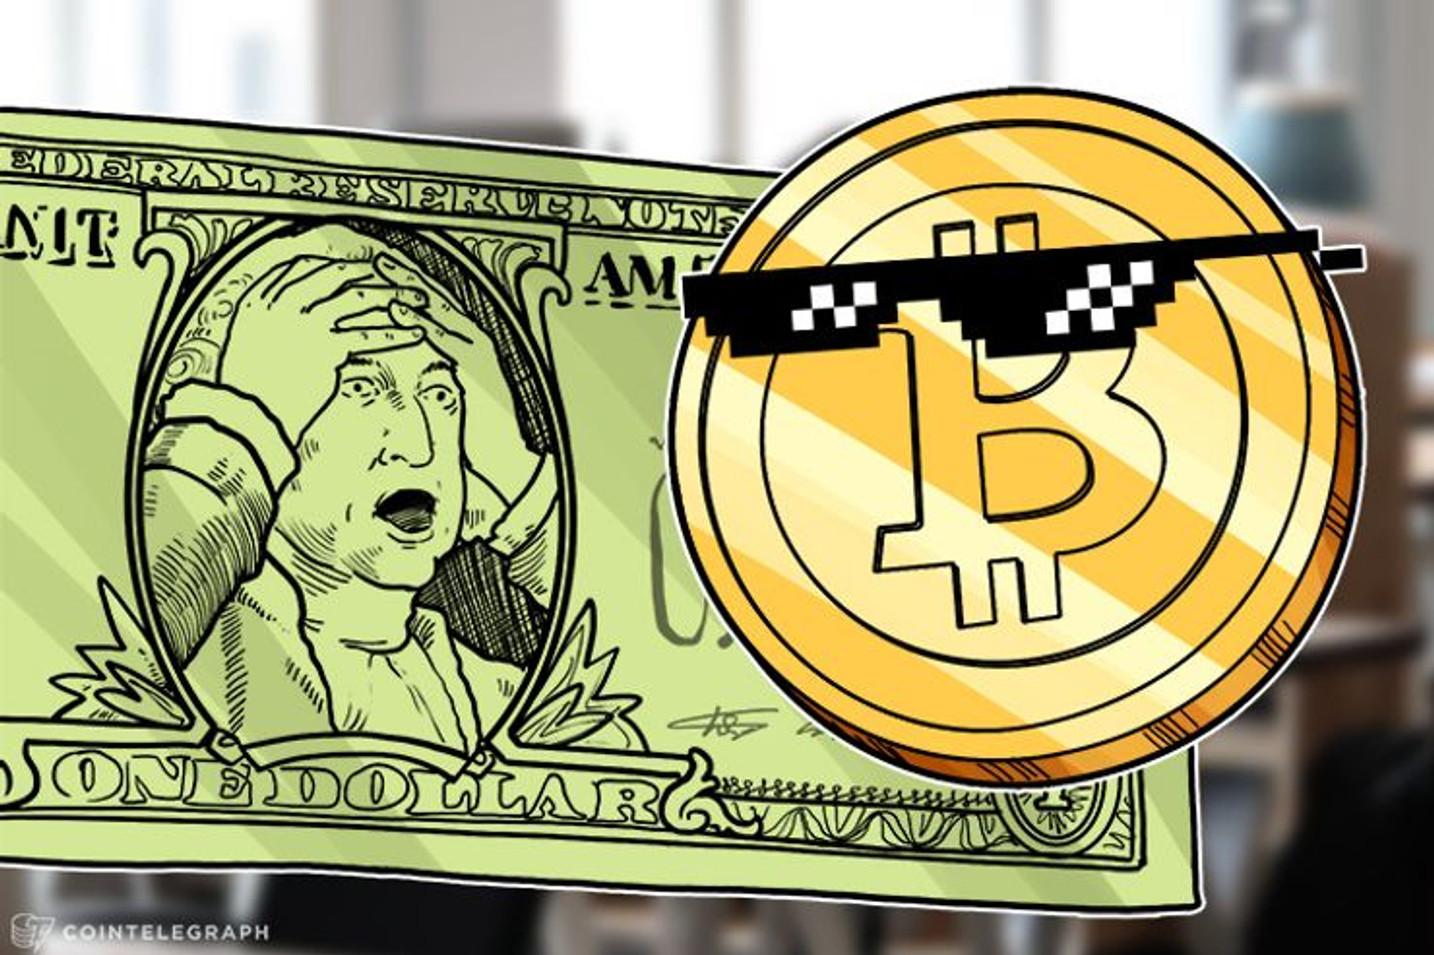 Debido a las restricciones cambiarias en Argentina, aumentó la cantidad de usuarios en brokers y exchanges de criptomonedas